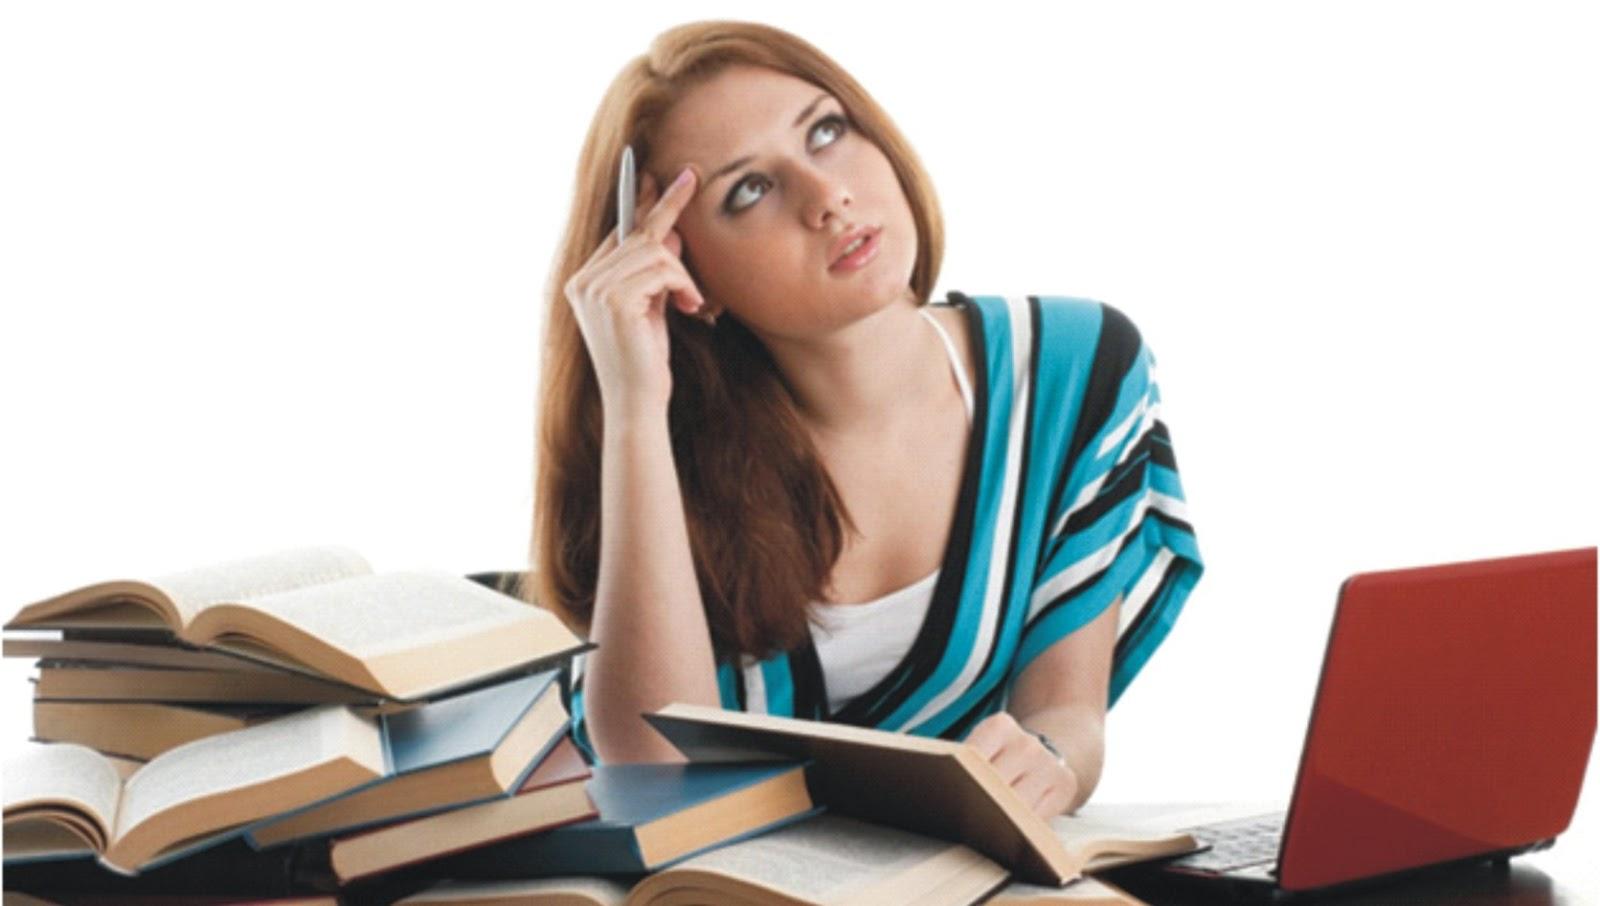 Mencegah Diri dari Kepikunan atau Penyakit Alzheimer - 3.bp.blogspot.com